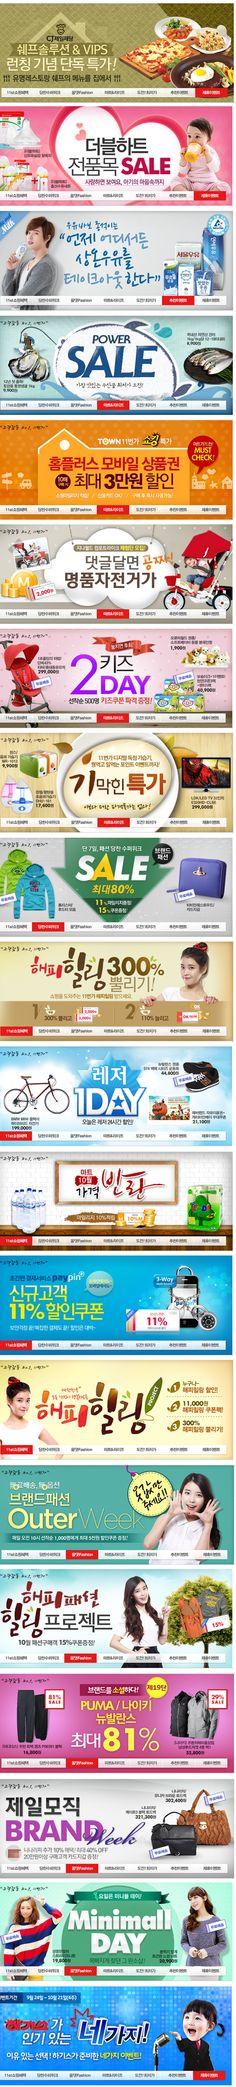 韩国购物网站11st  banner